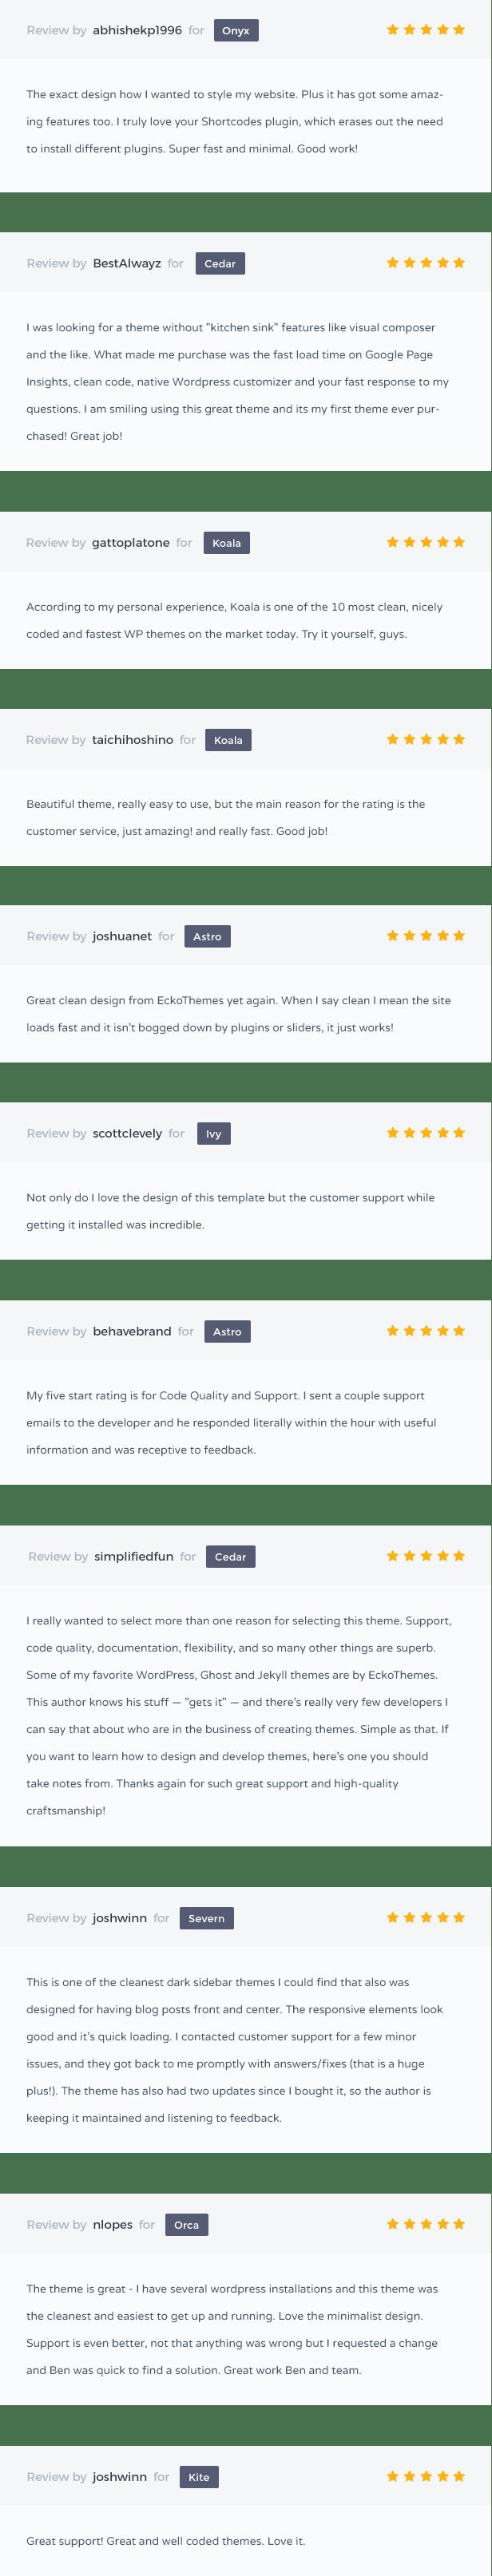 Ecko Reviews